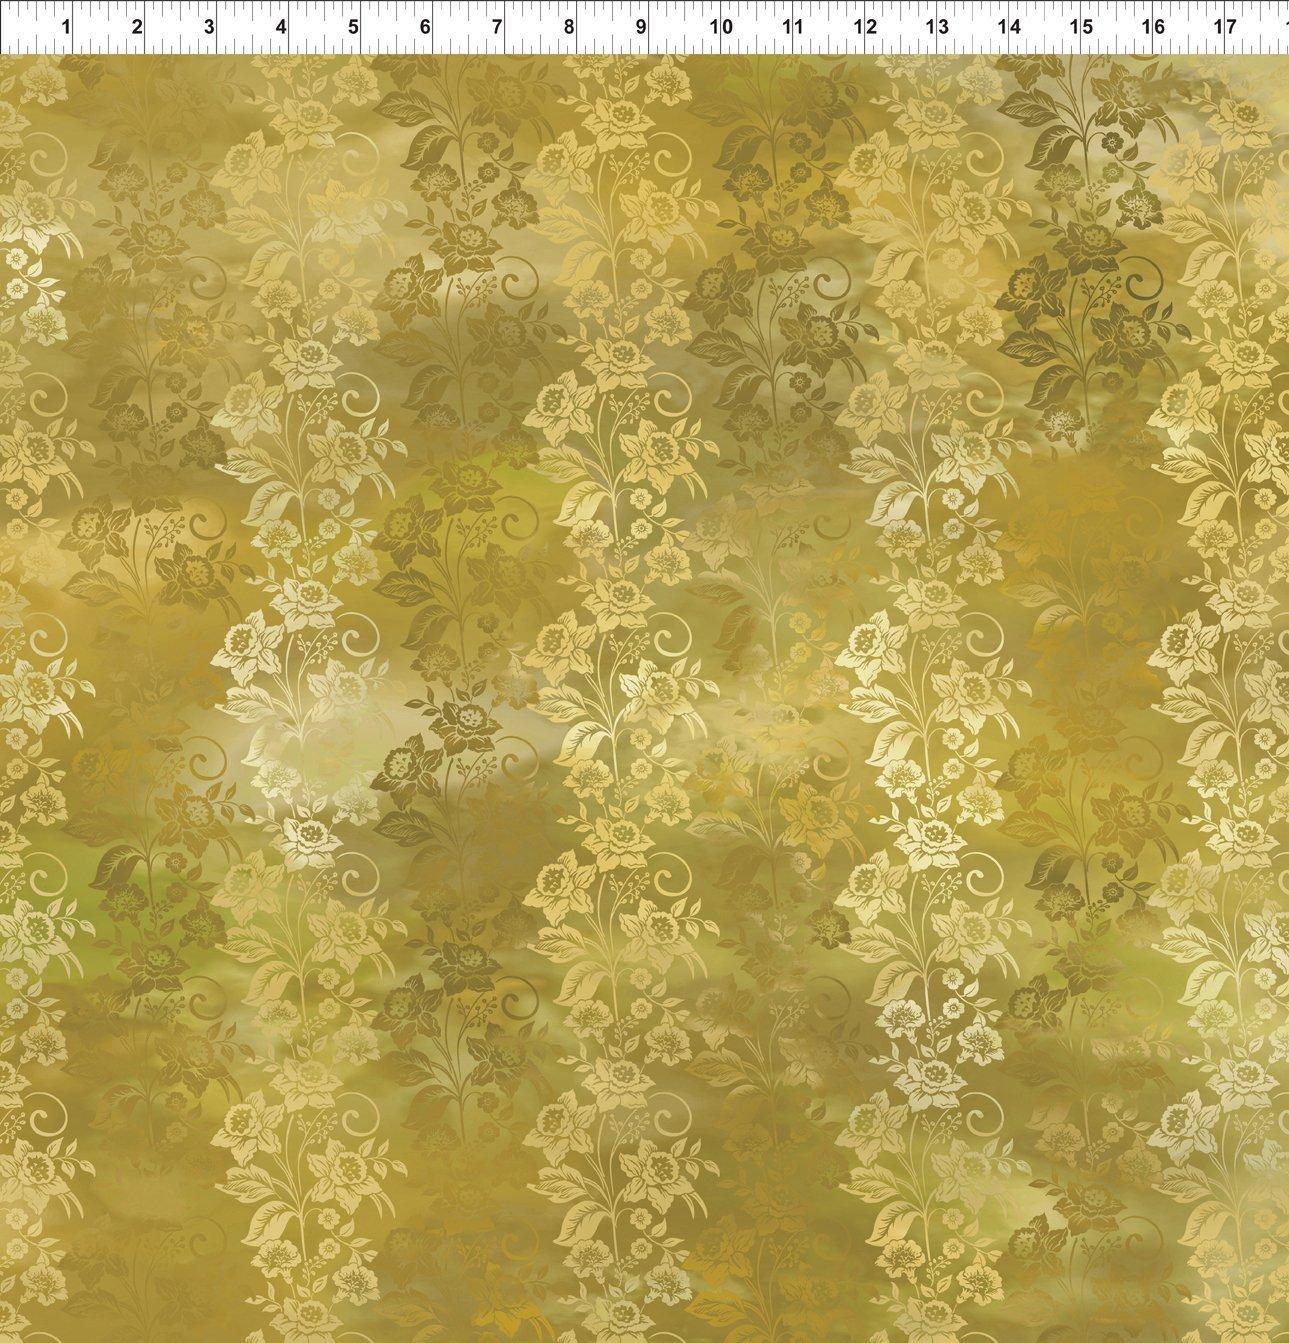 5ENC-2 Gold Enchanted Vines Diaphanous